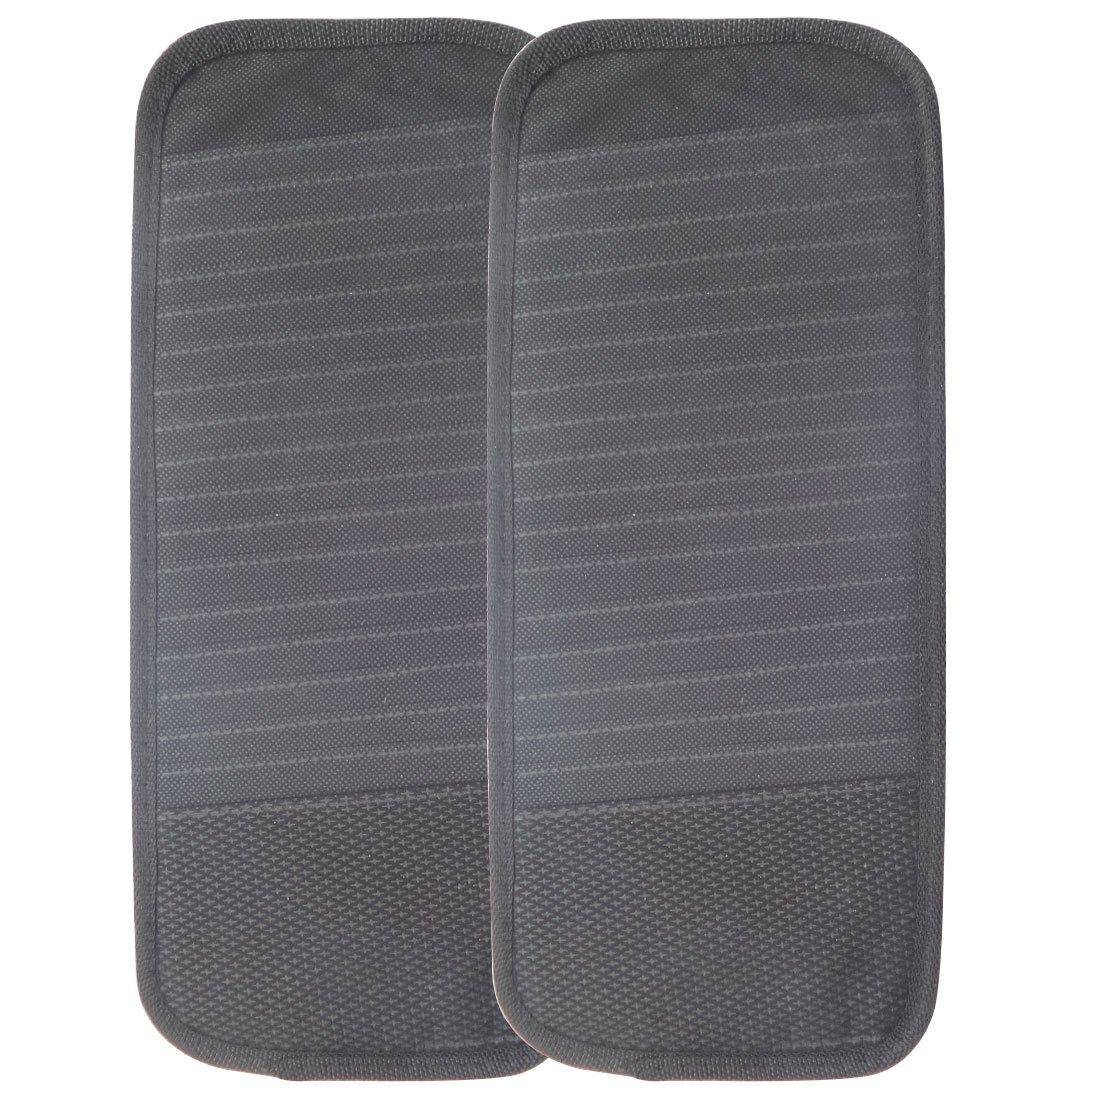 18 Cd or DVD Cars SUN Visor Storage Holde - 2Pcs